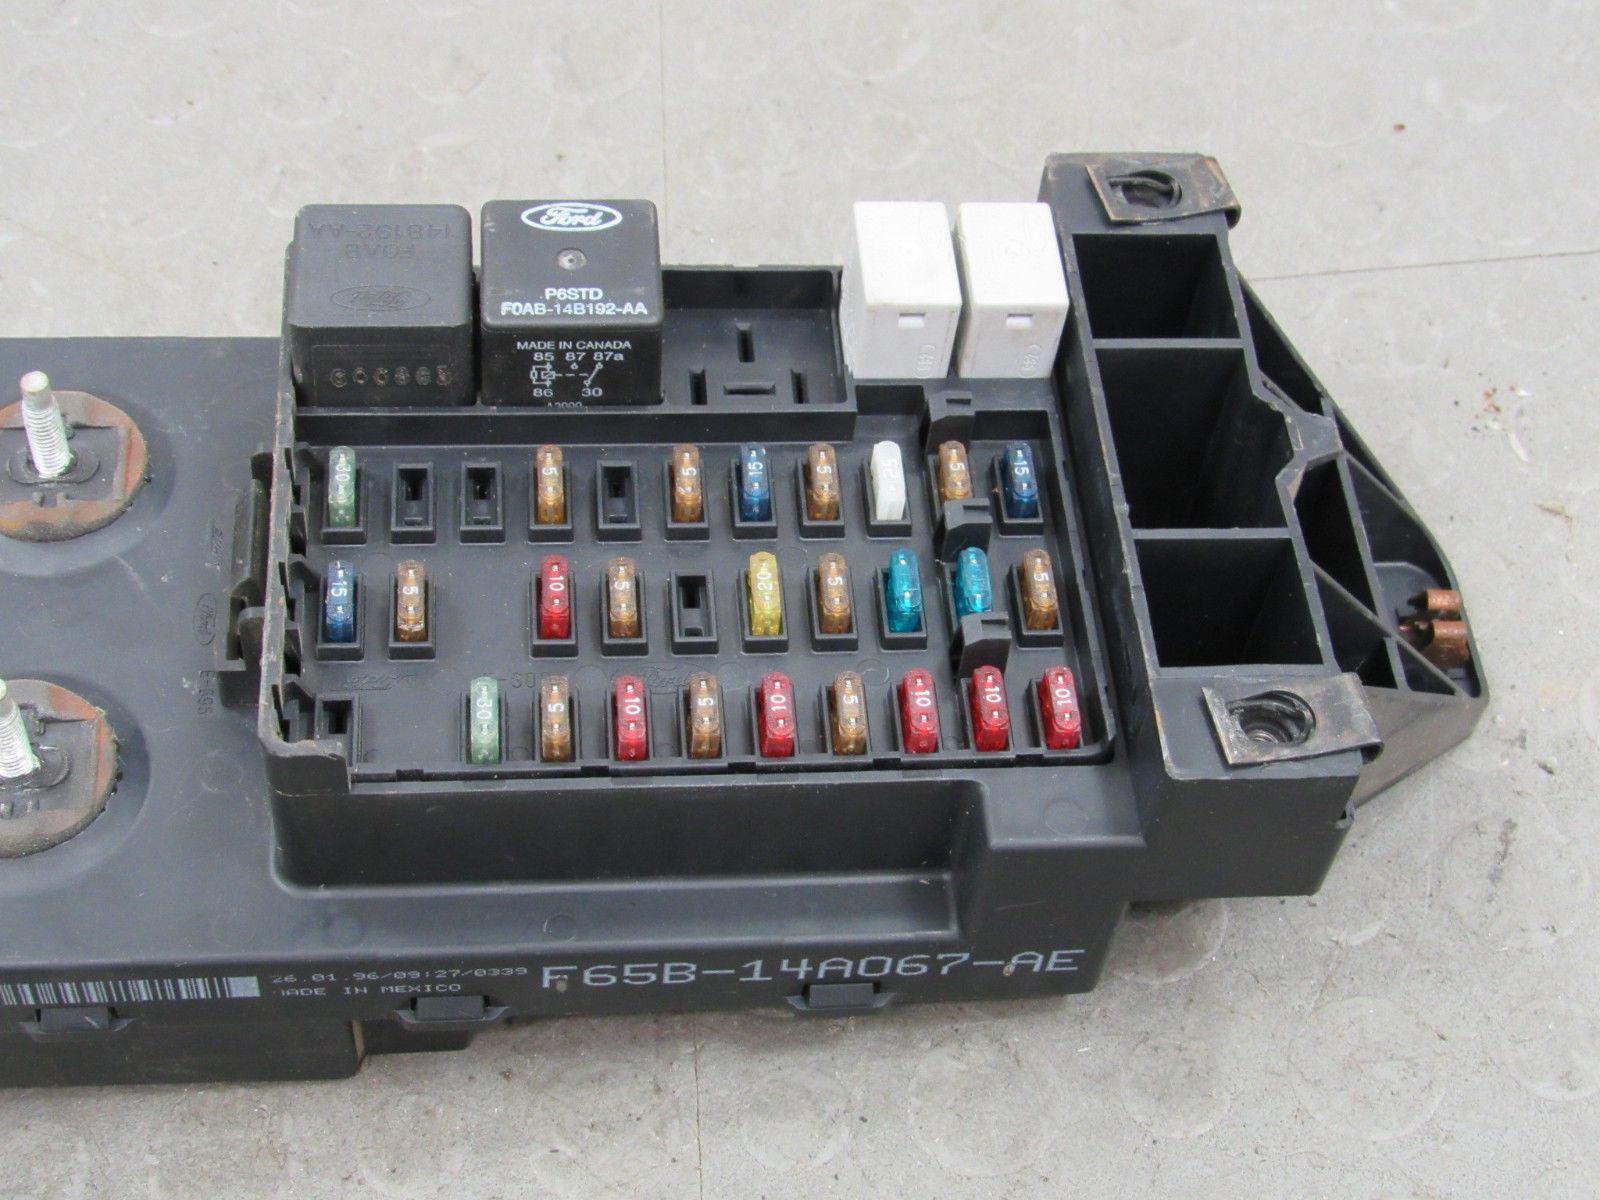 98 Ford F 150 250 44 Bcm Gem Multifunction Fuse Relay Box F85b 14b205 Na Bt